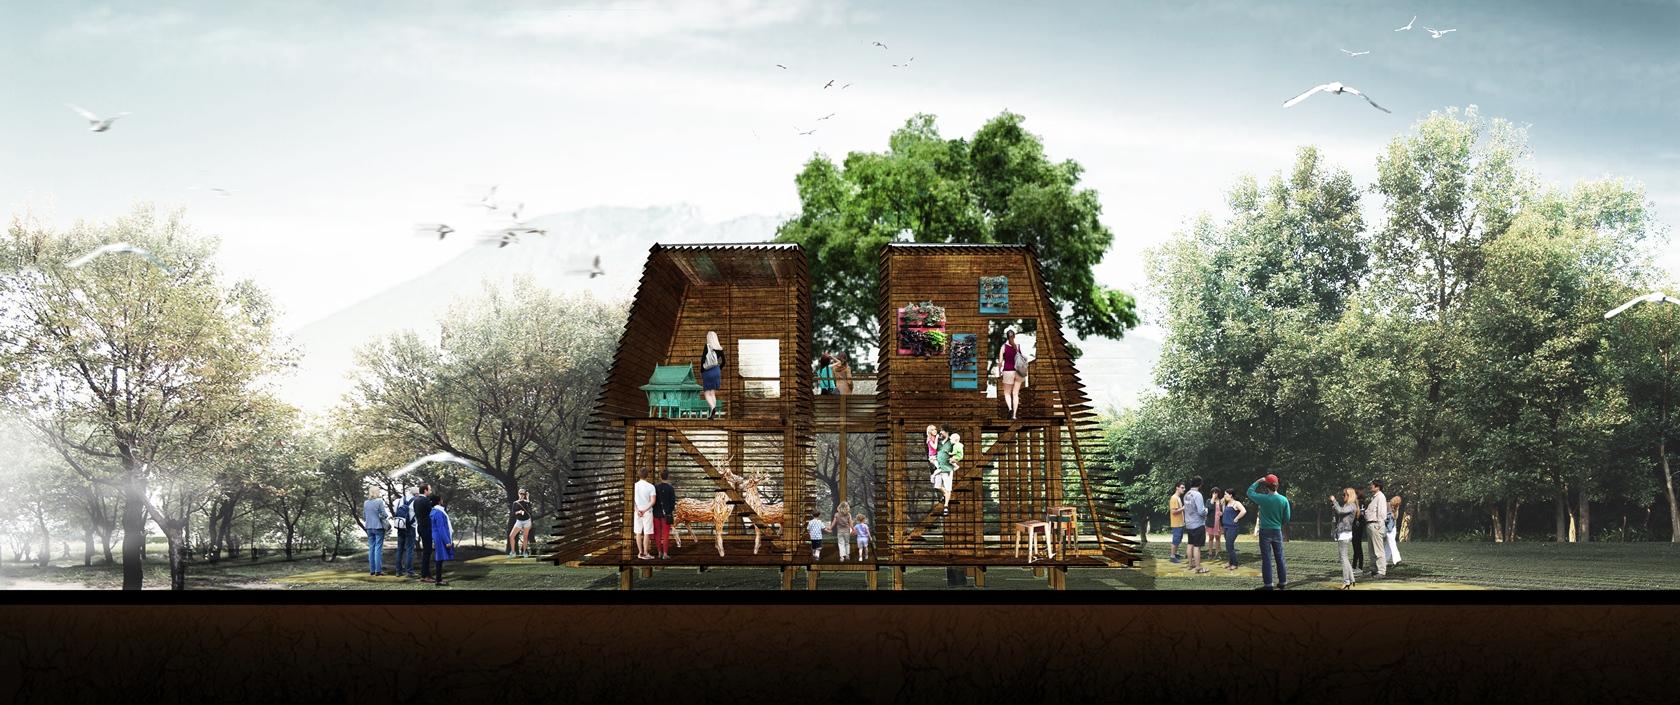 Konteks Karya Pemenang Lomba Desain Rumah Kayu 2014